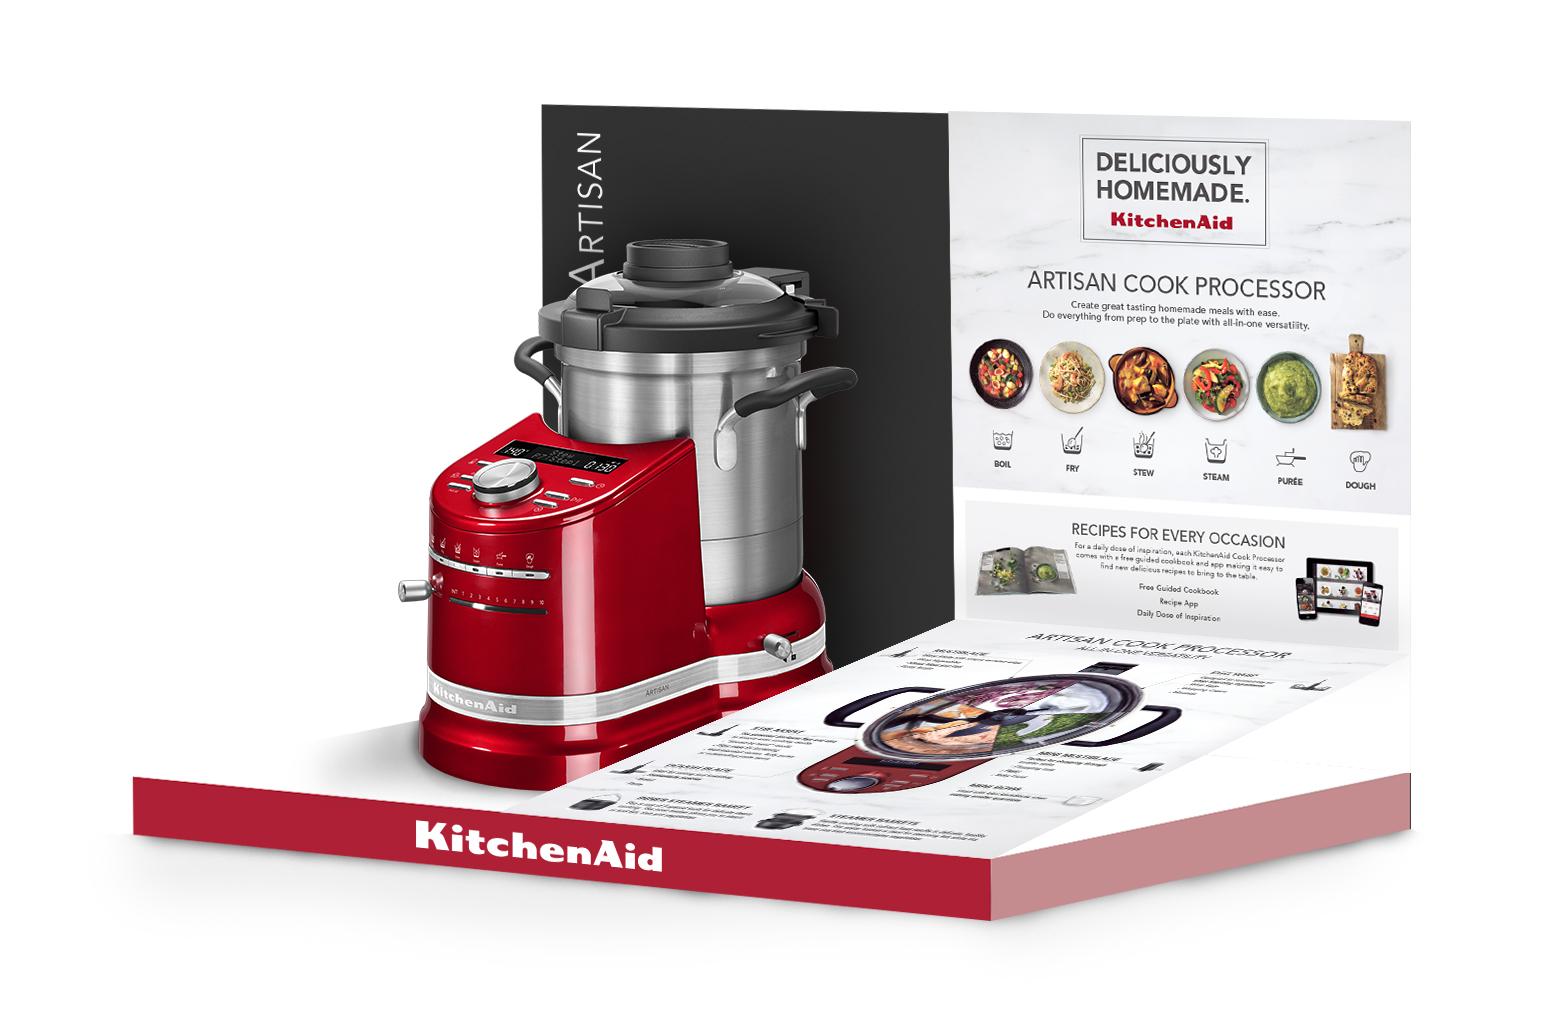 Kitchenaid Cook Processor Rachael Anne Morello